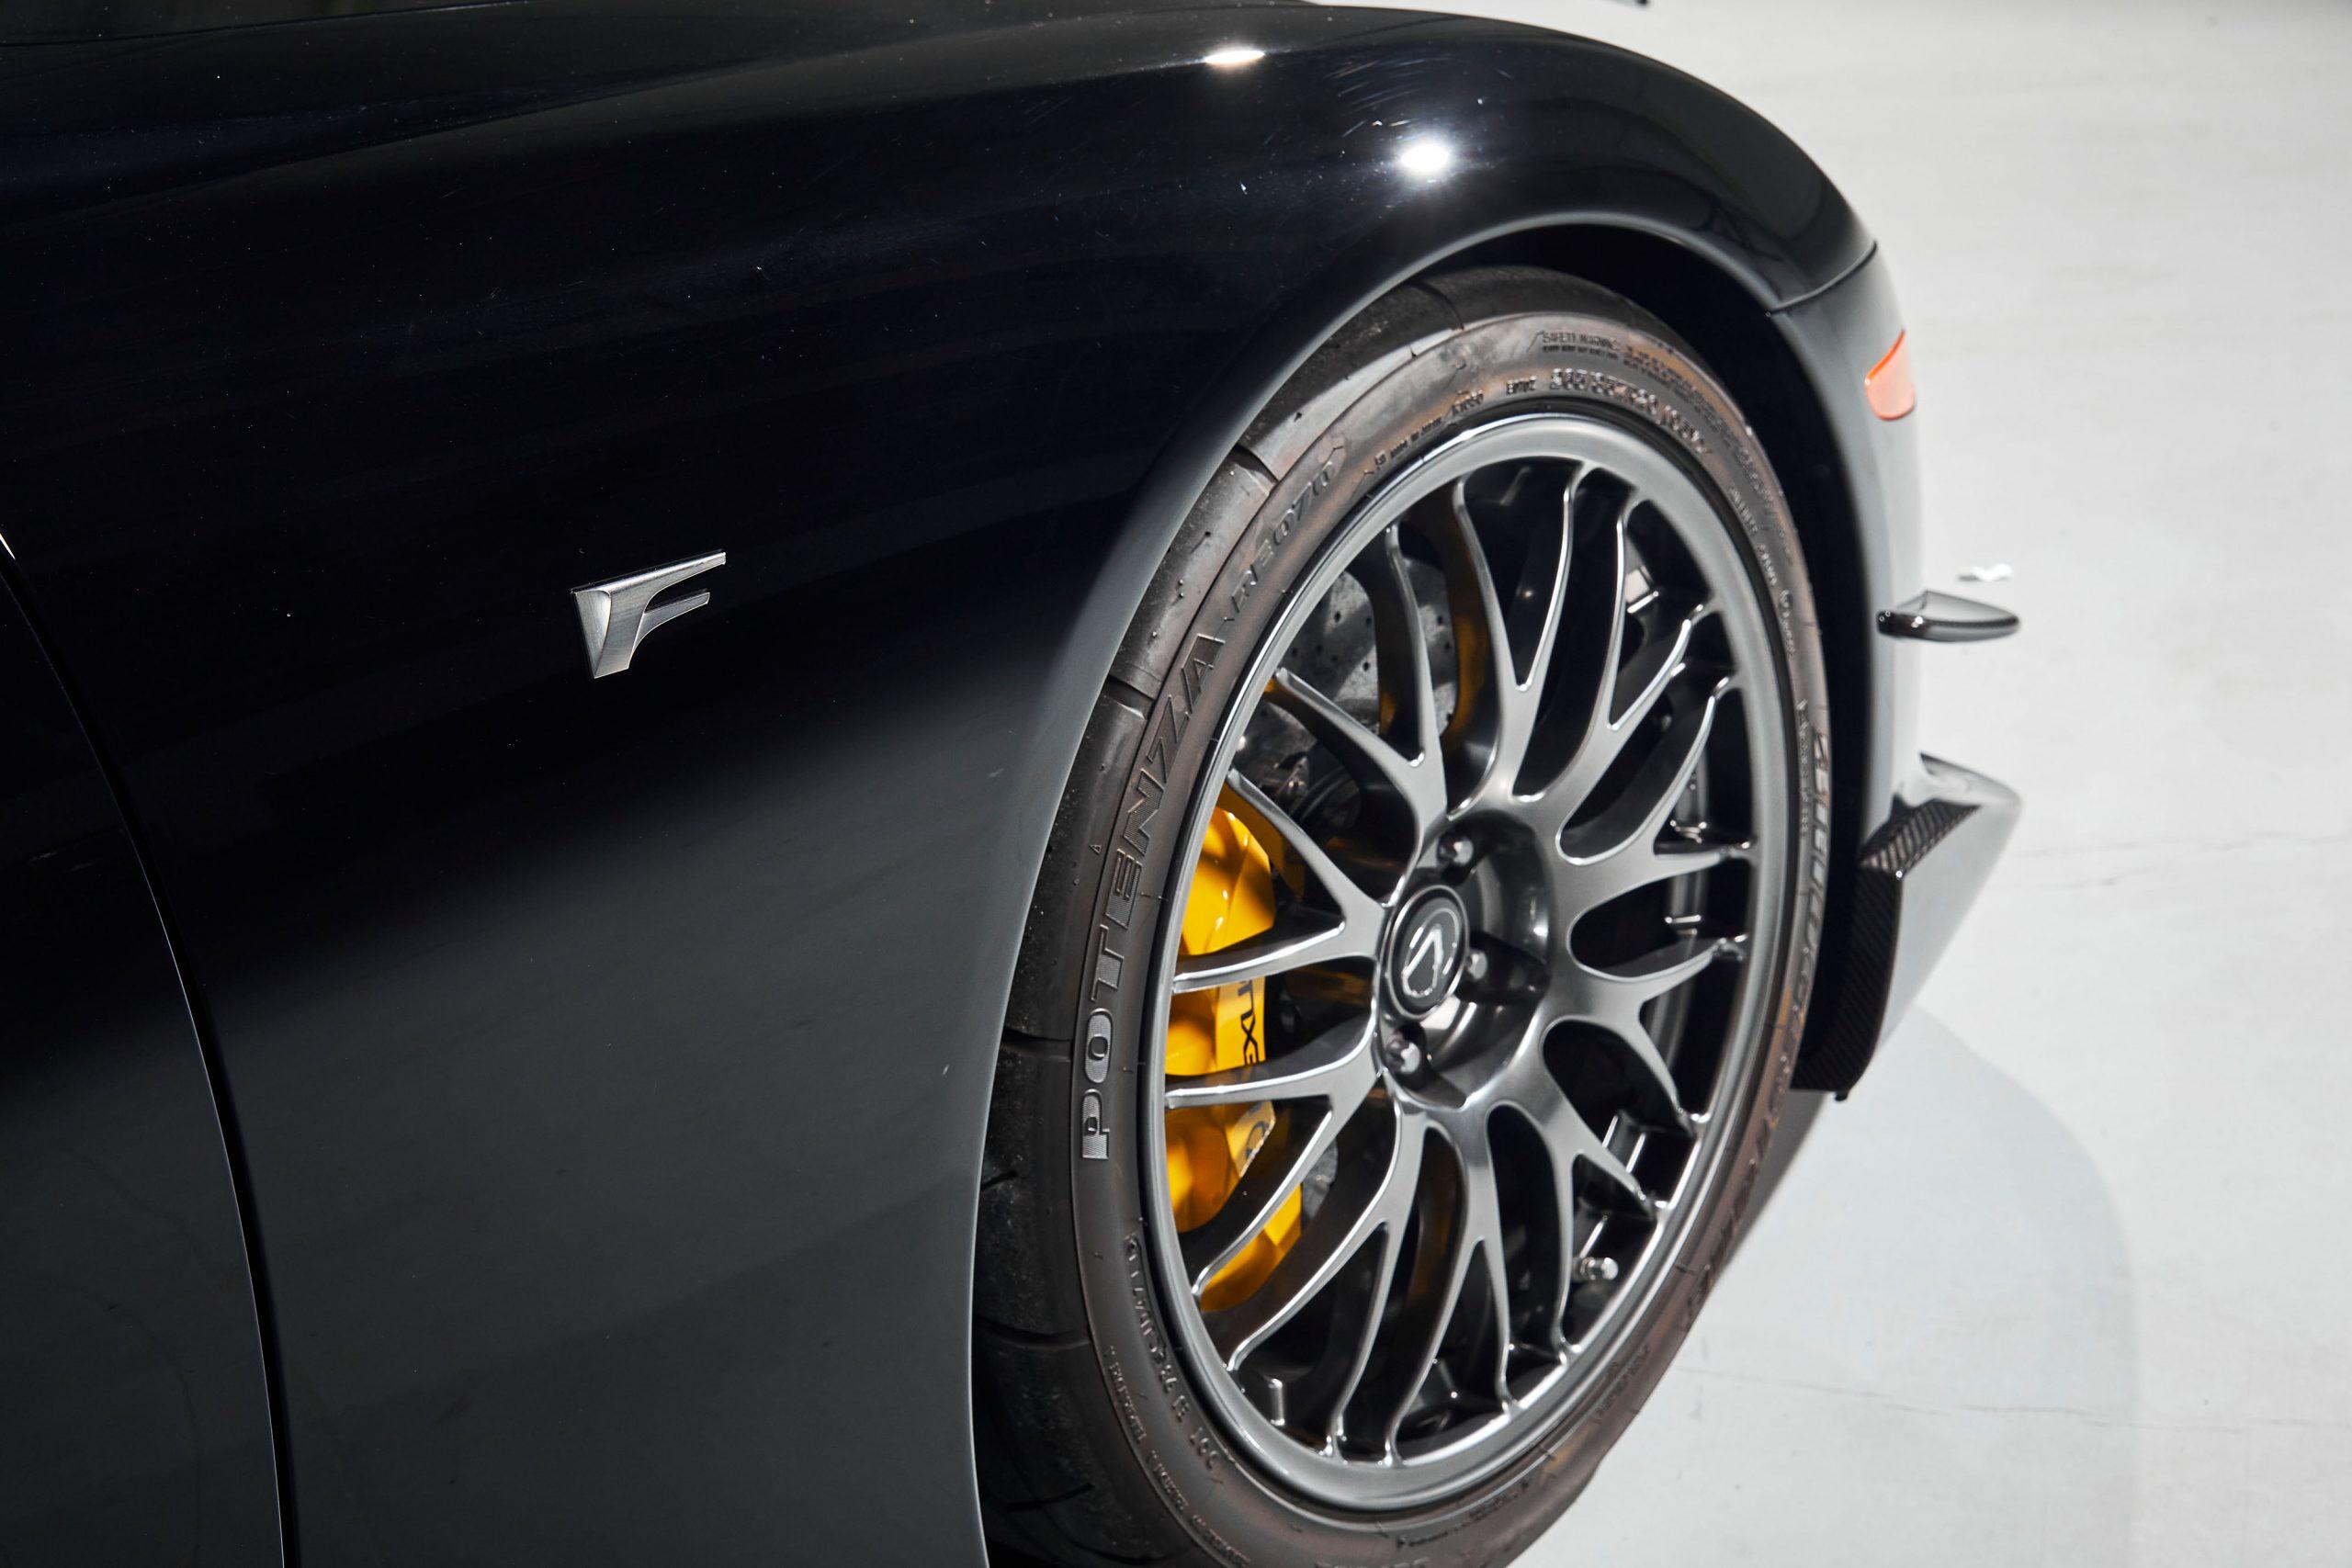 2012-Lexus-LFA-Nurburgring-Package front quarter panel wheel tire brake